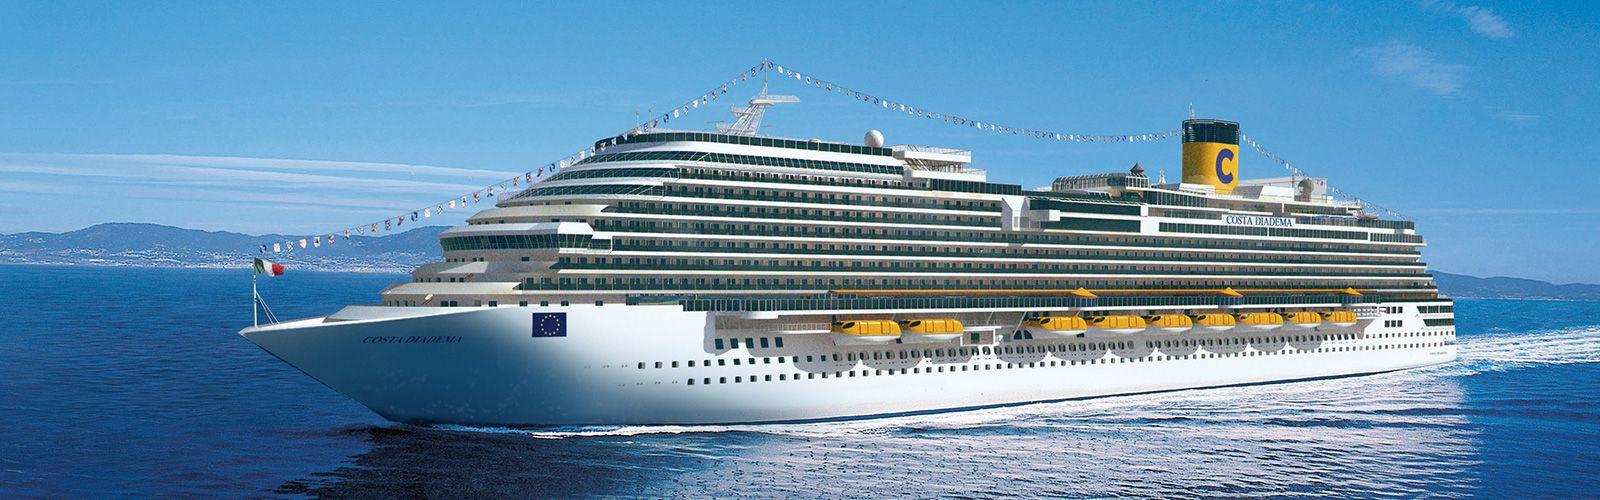 Costa Cruises akció - Útitársa ingyen utazik